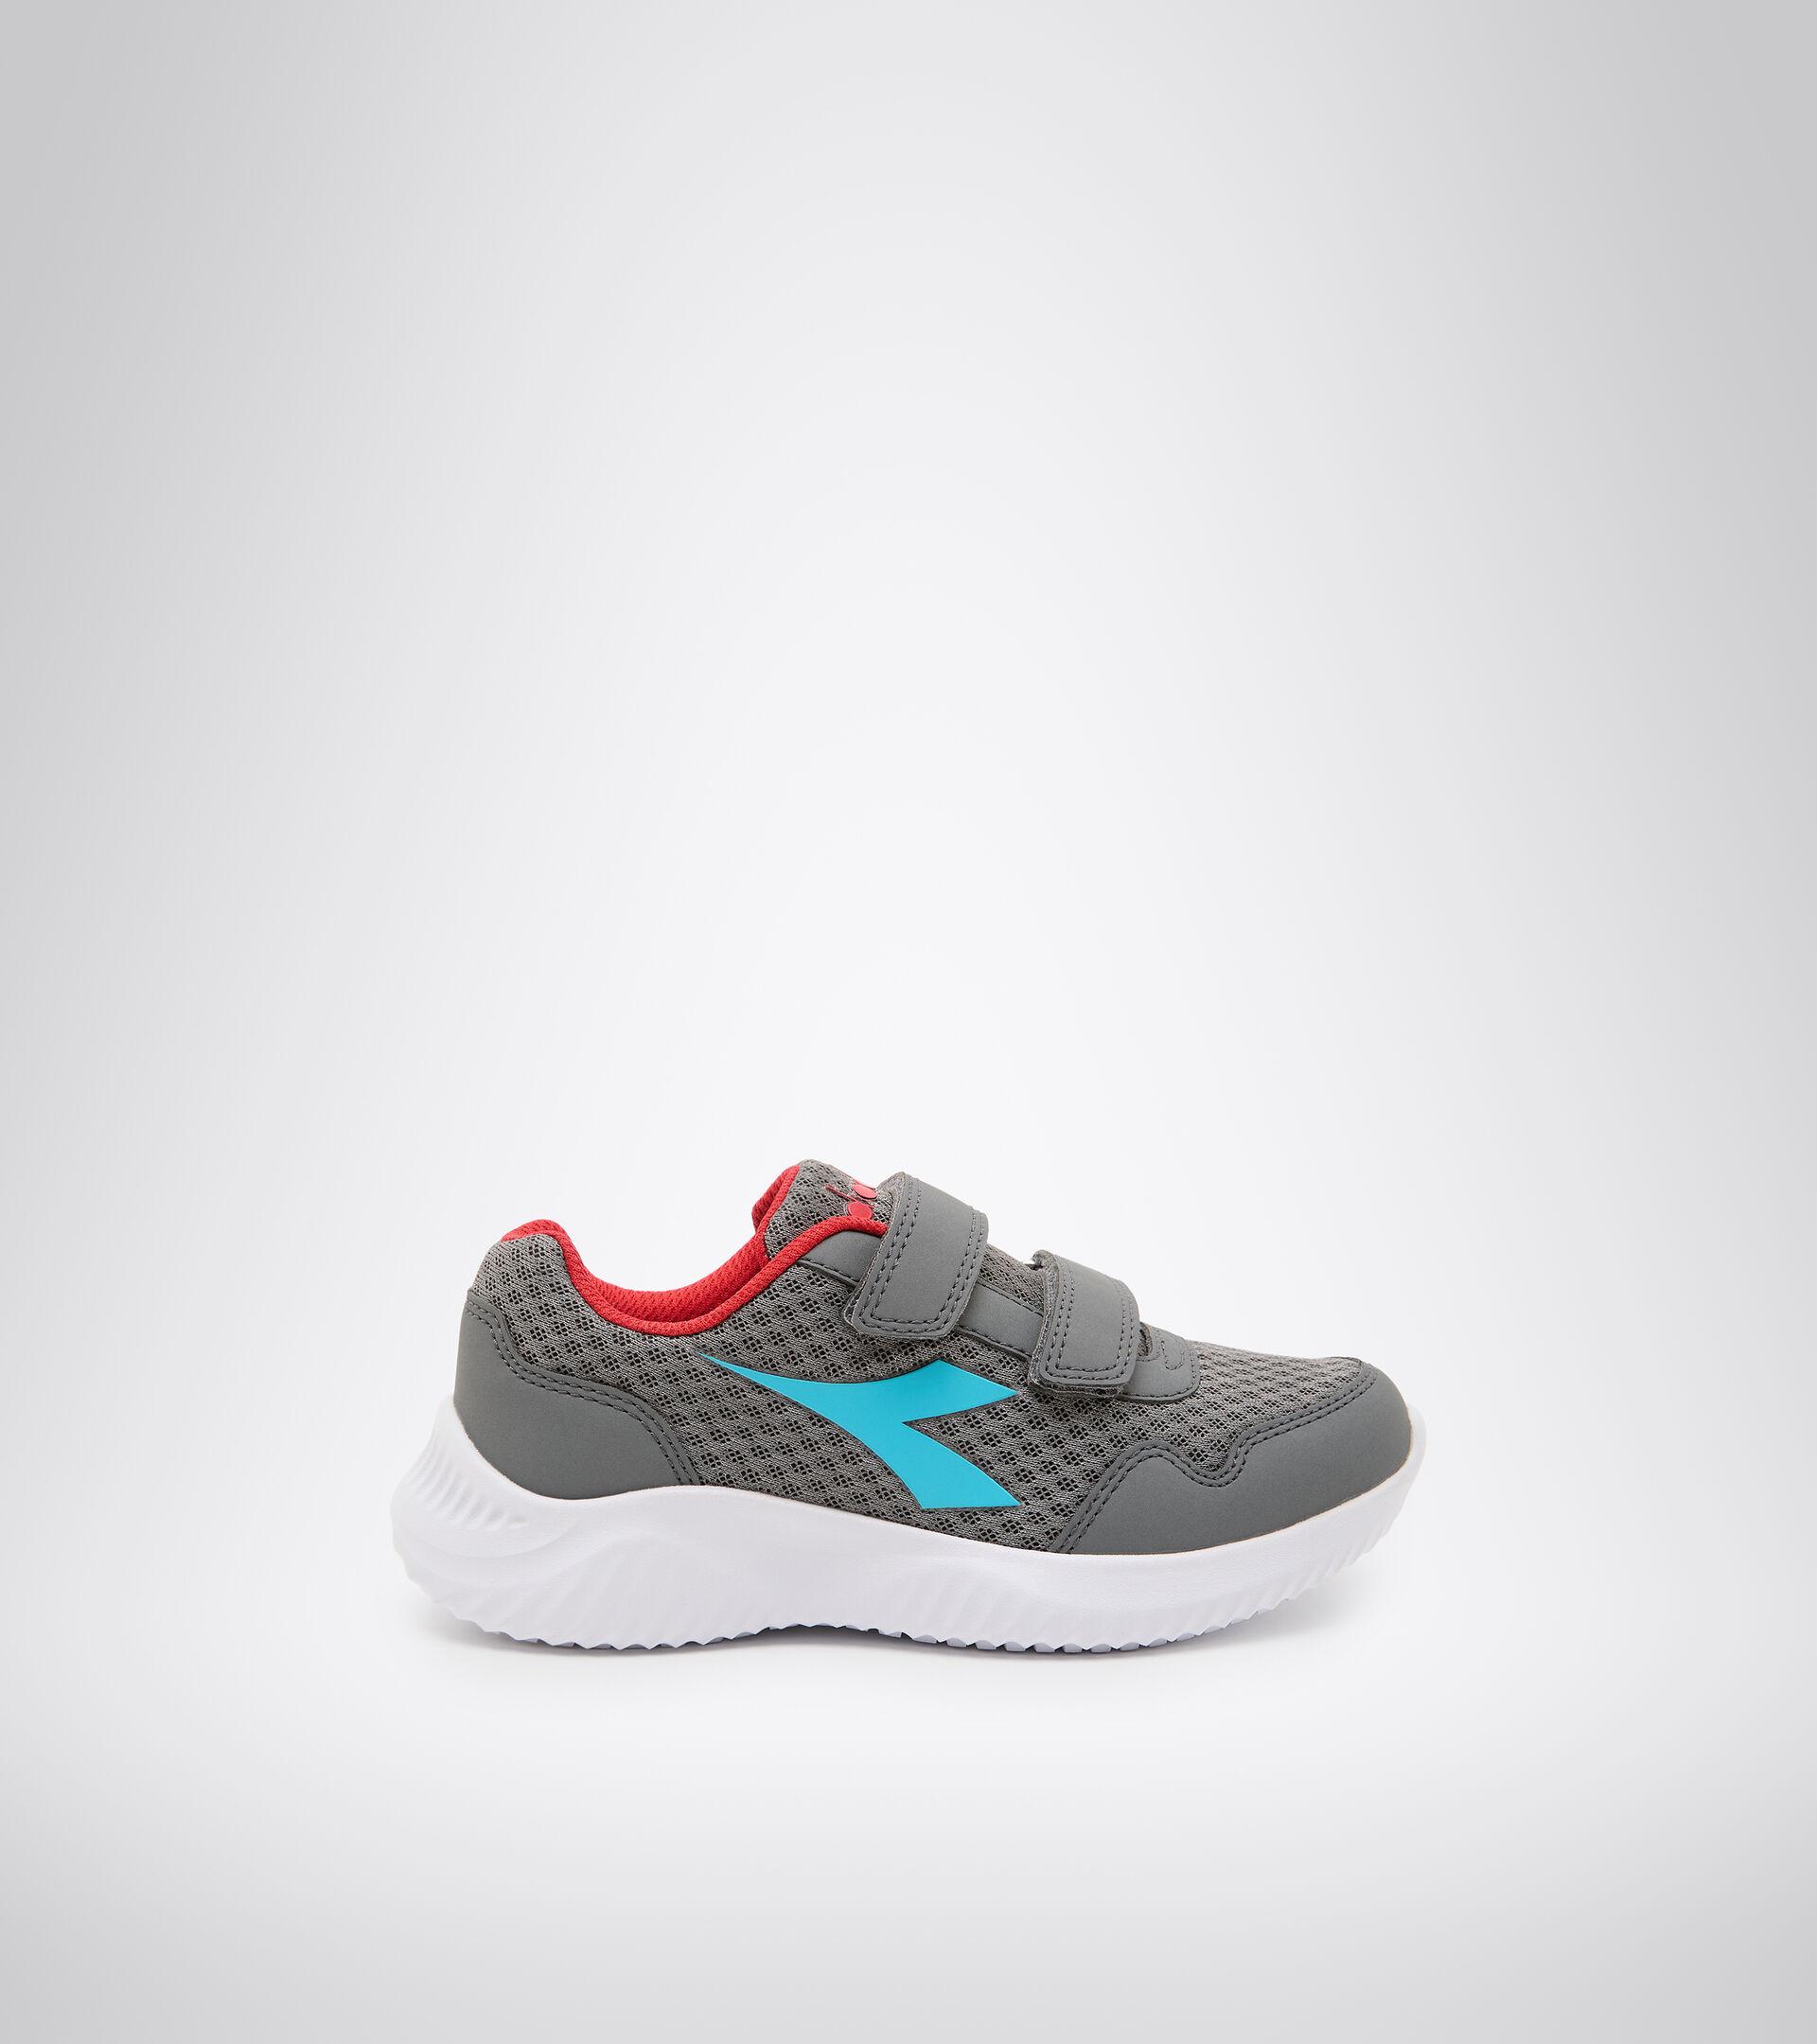 Footwear Sport BAMBINO ROBIN 2 JR V STEEL GRAY/BLUE ATOLL Diadora